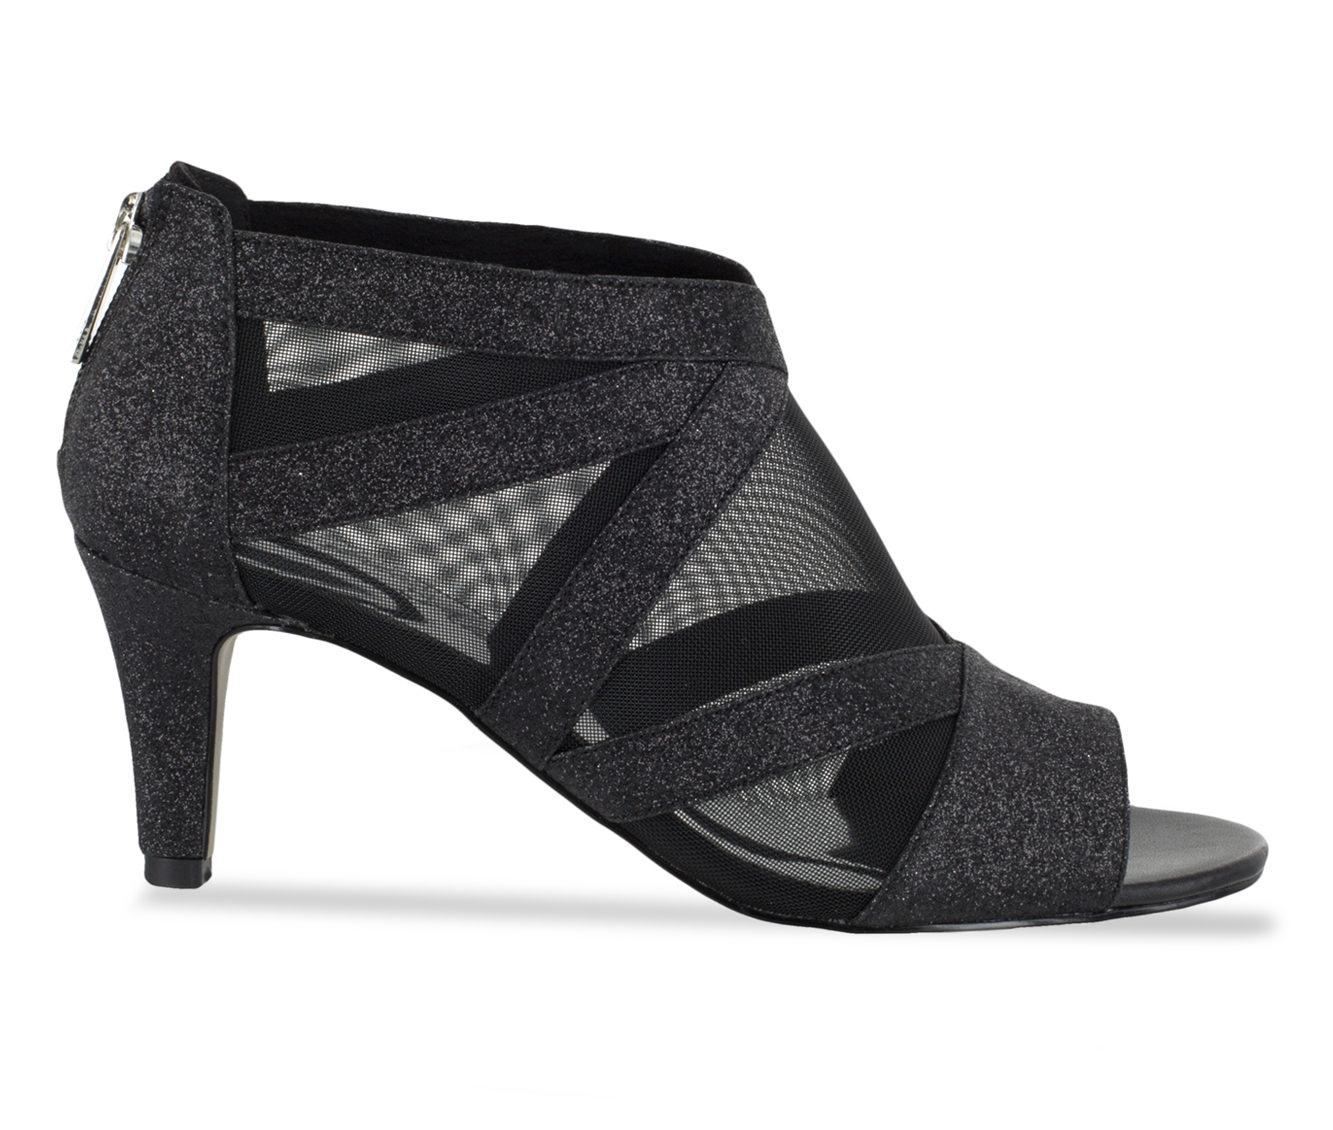 Easy Street Dazzle Women's Dress Shoe (Black Faux Leather)